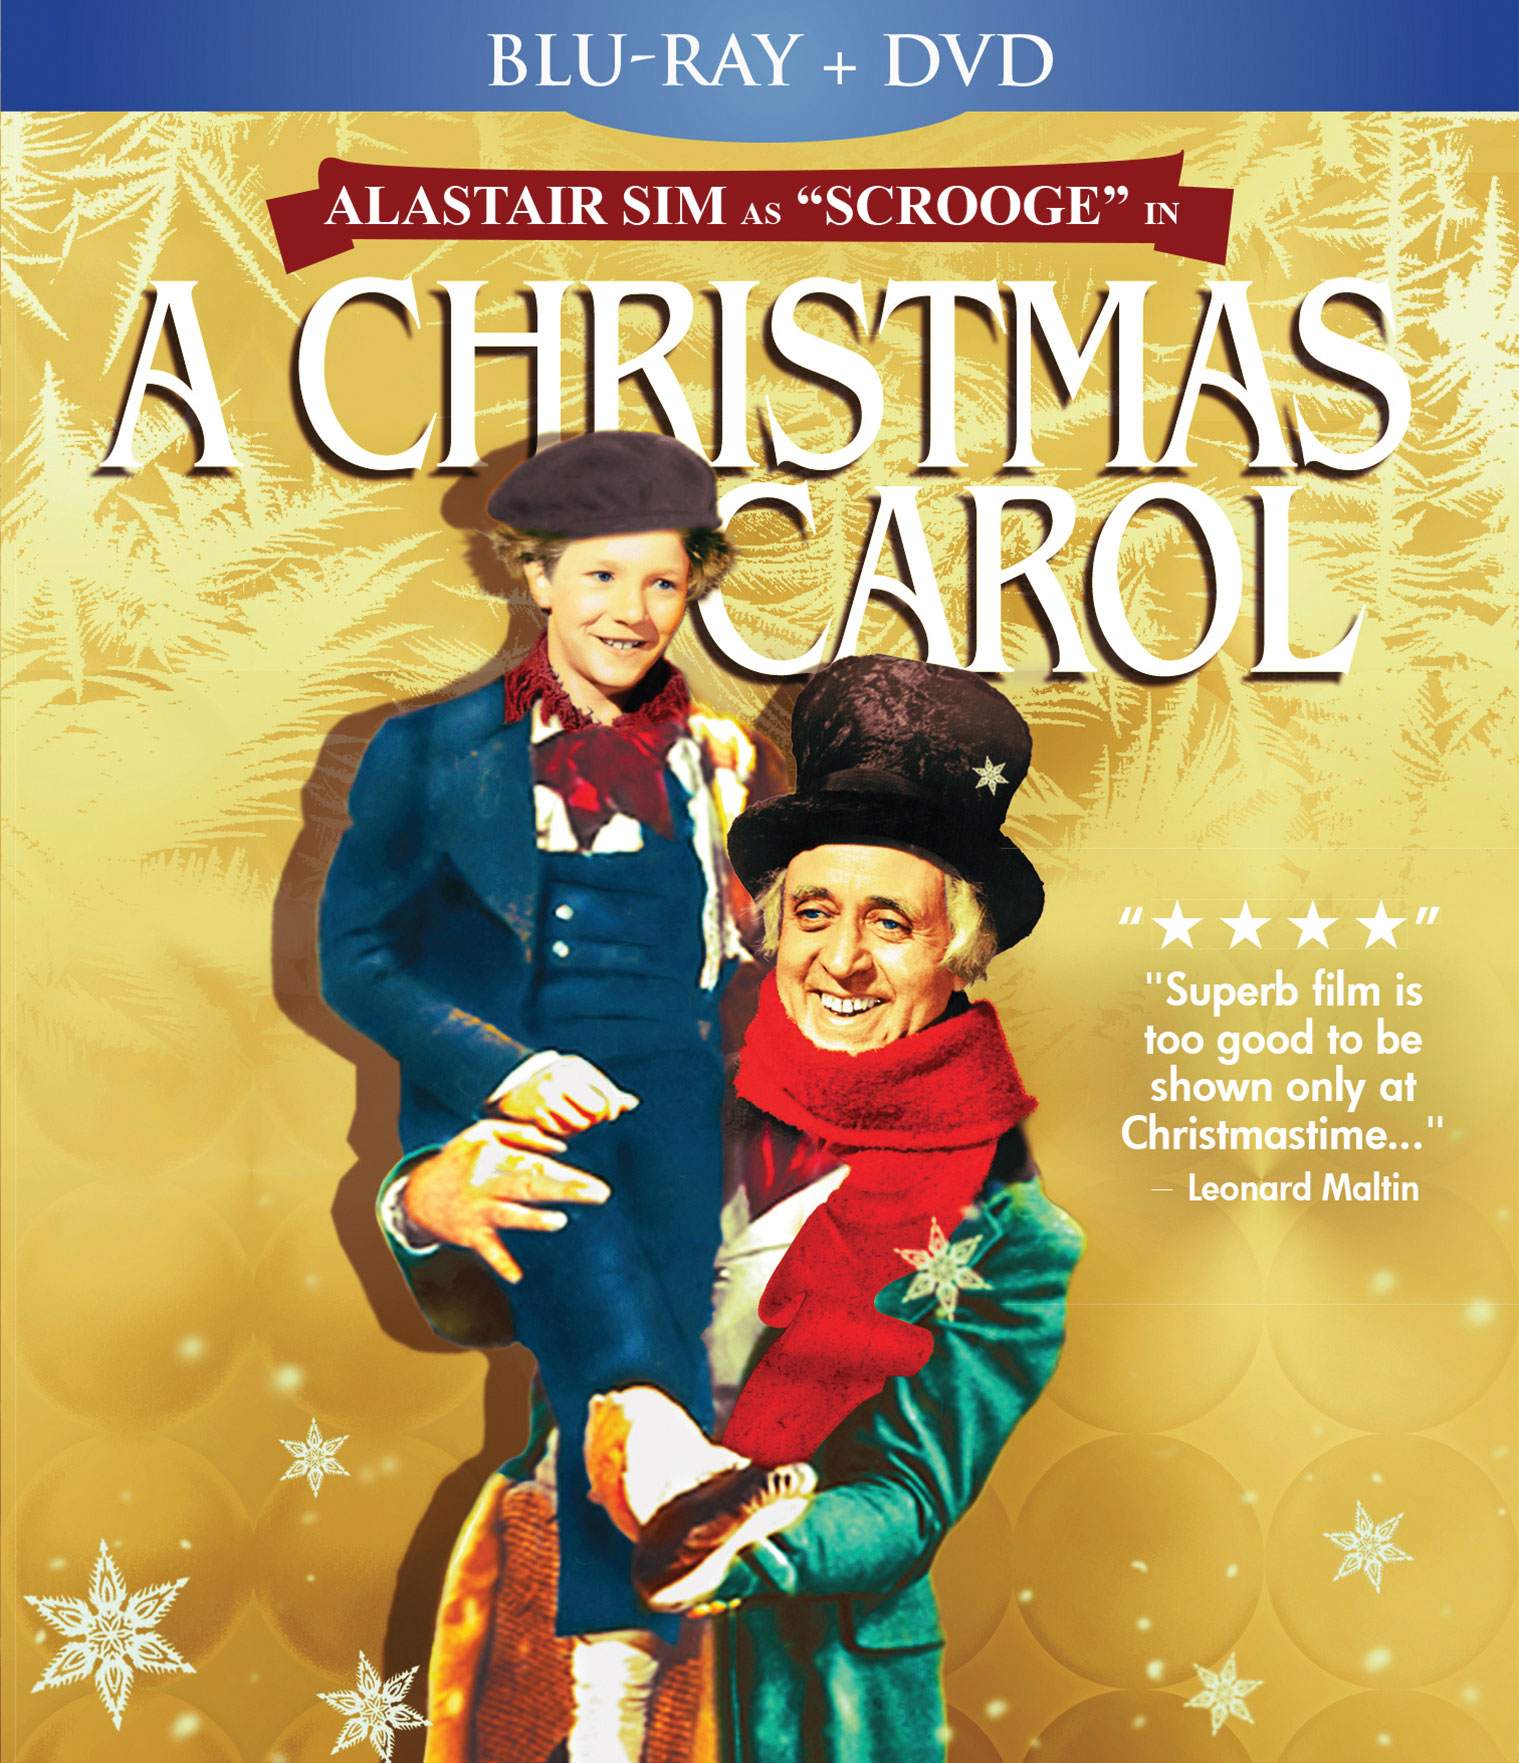 A Christmas Carol (1951) Blu-ray/DVD Combo